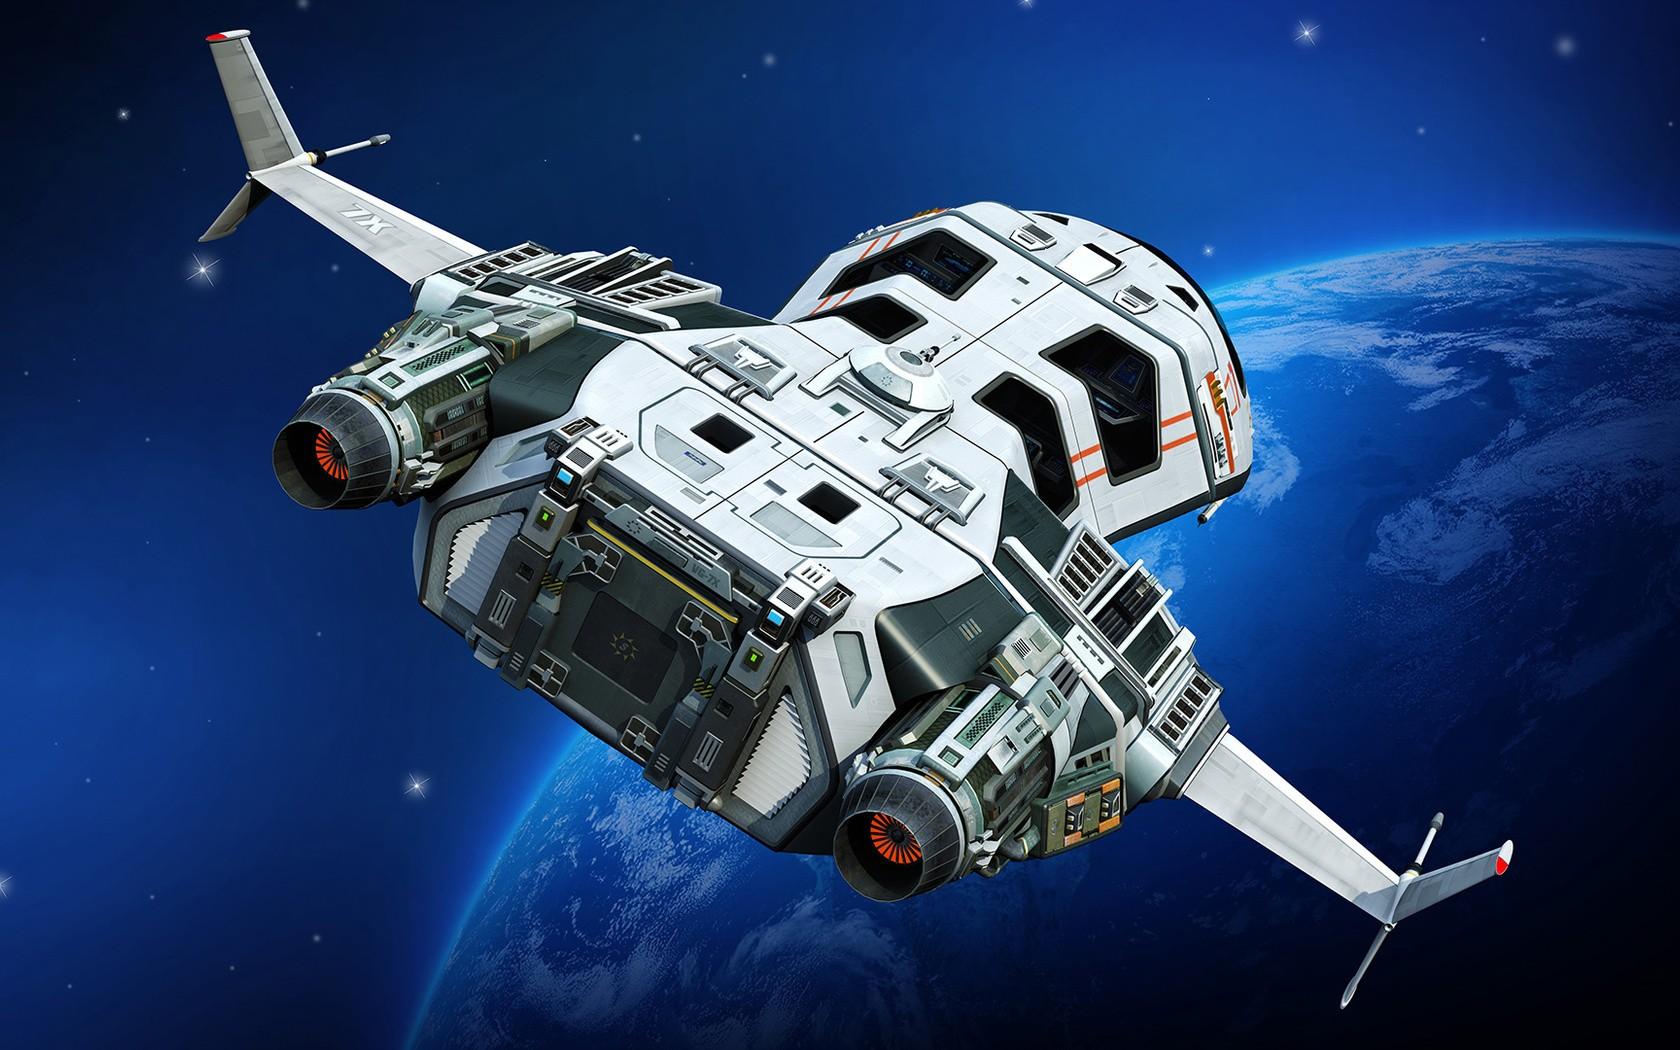 Компания SpaceX исполнит  1-ый  пилотируемый полёт позаказу NASA